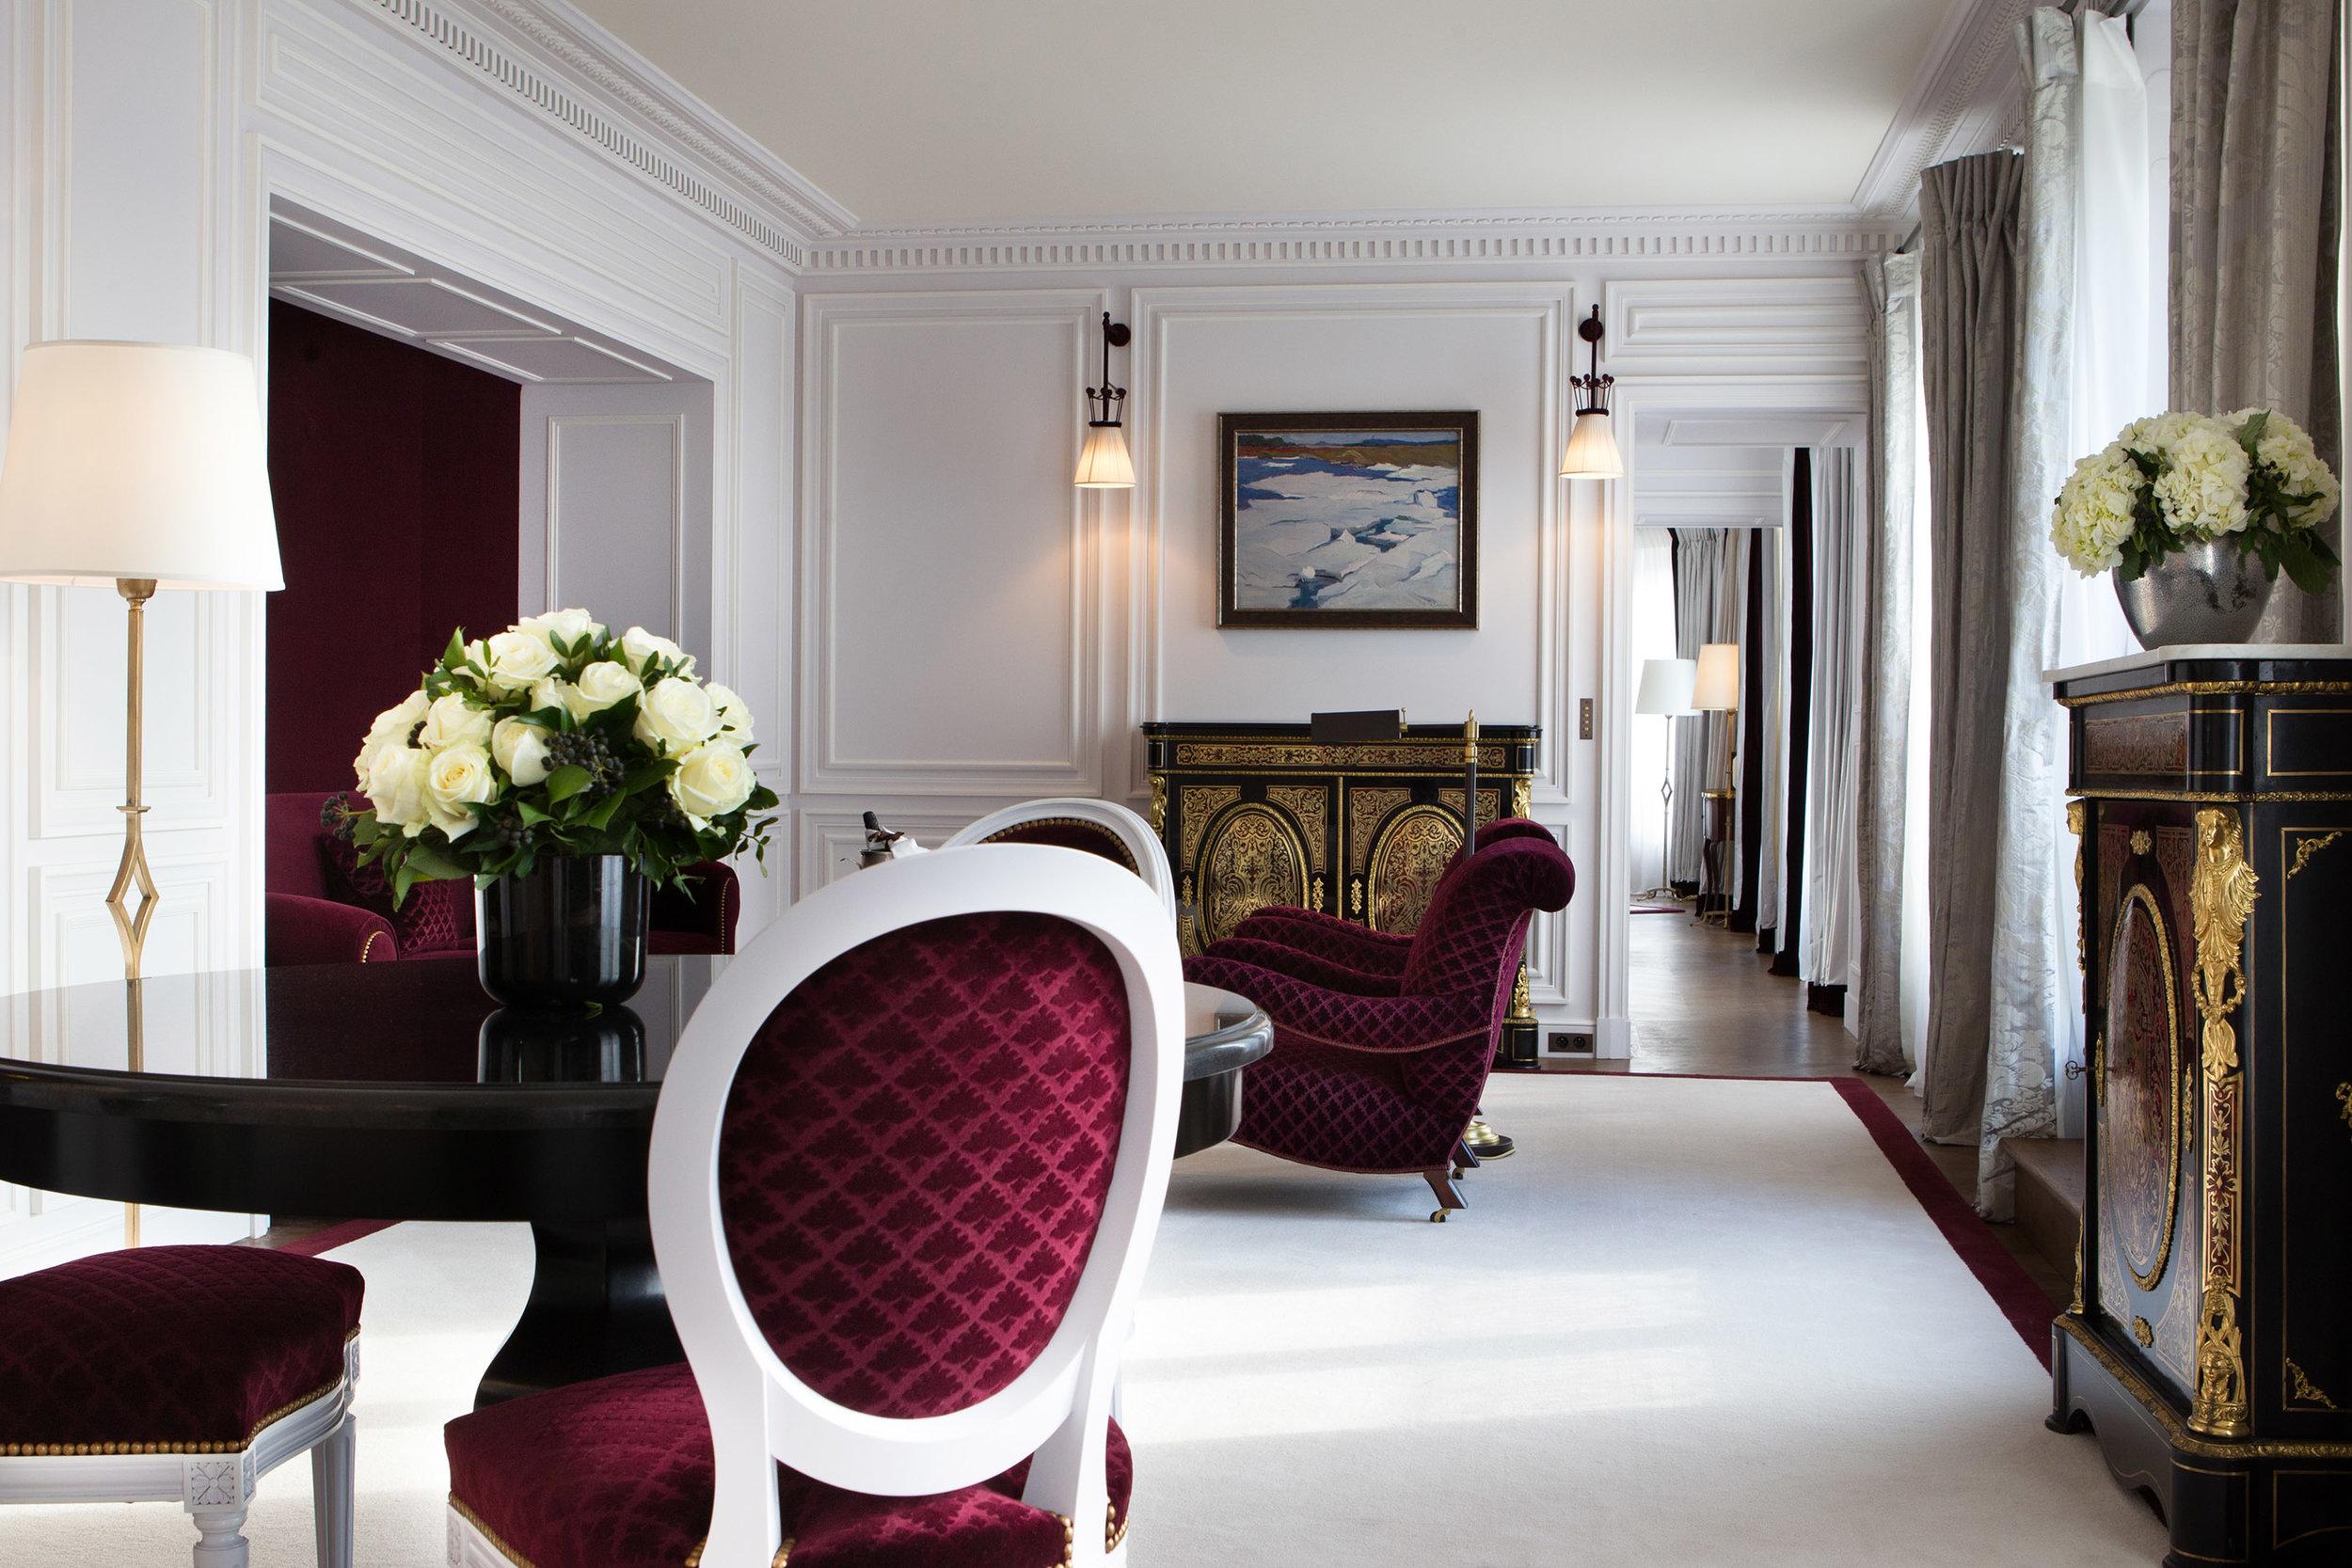 La Réserve Hotel & Spa - presidential suite - Crédits photo G. Gardette - La Réserve Paris.jpg